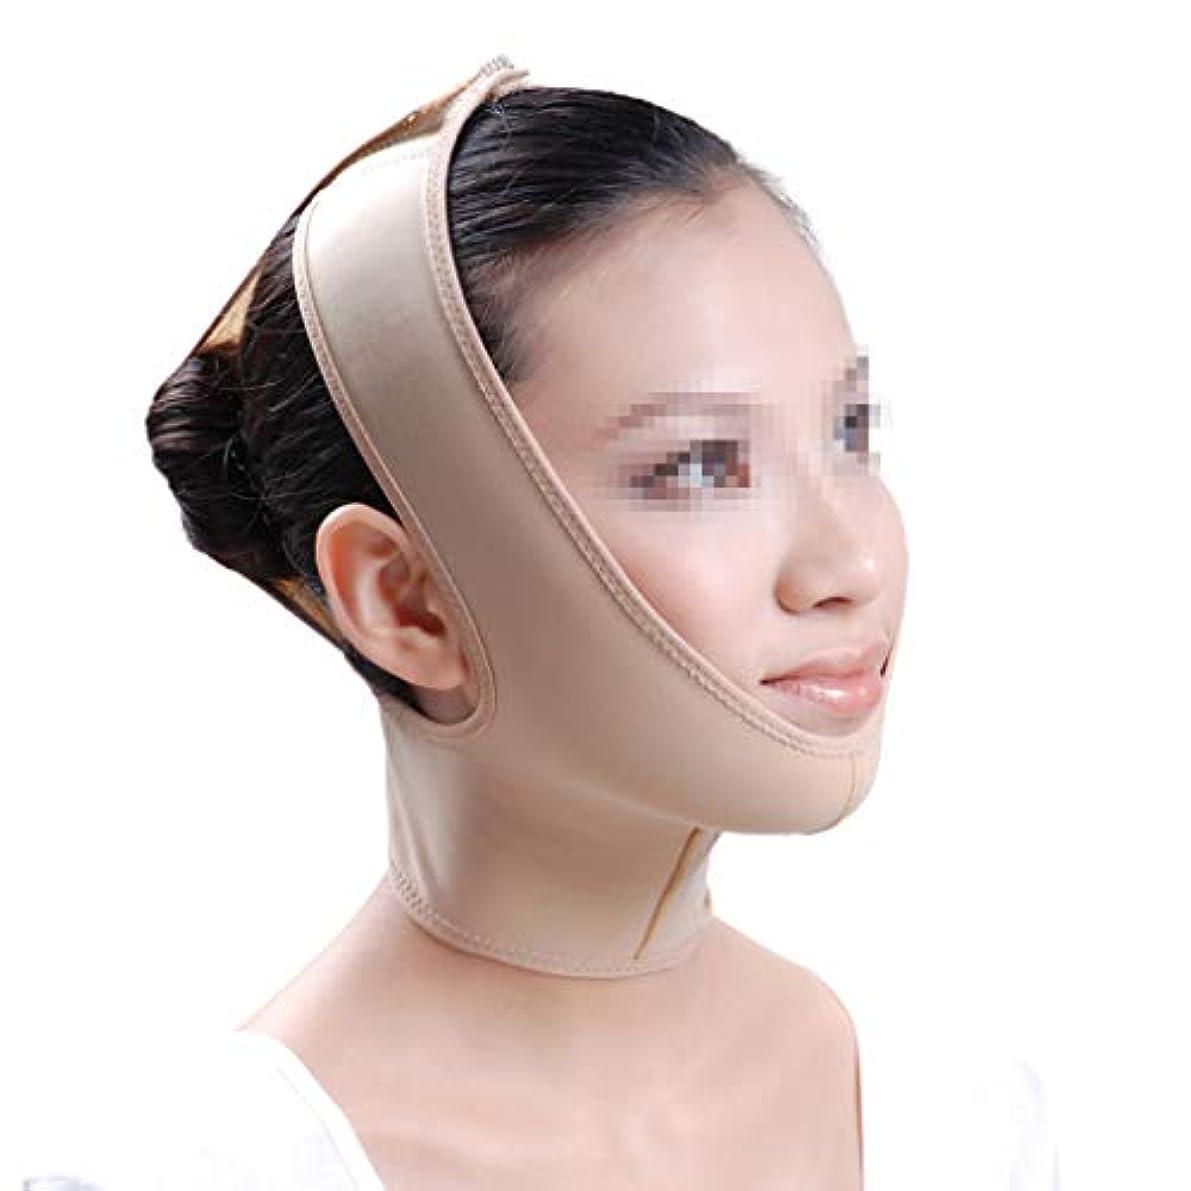 情熱オリエントフェデレーションXHLMRMJ フェイスリフトマスク、ジョーネックスリーブネックダブルチンフェイス医療脂肪吸引術創傷フェイスマスクヘッド弾性スリーブ (Size : M)